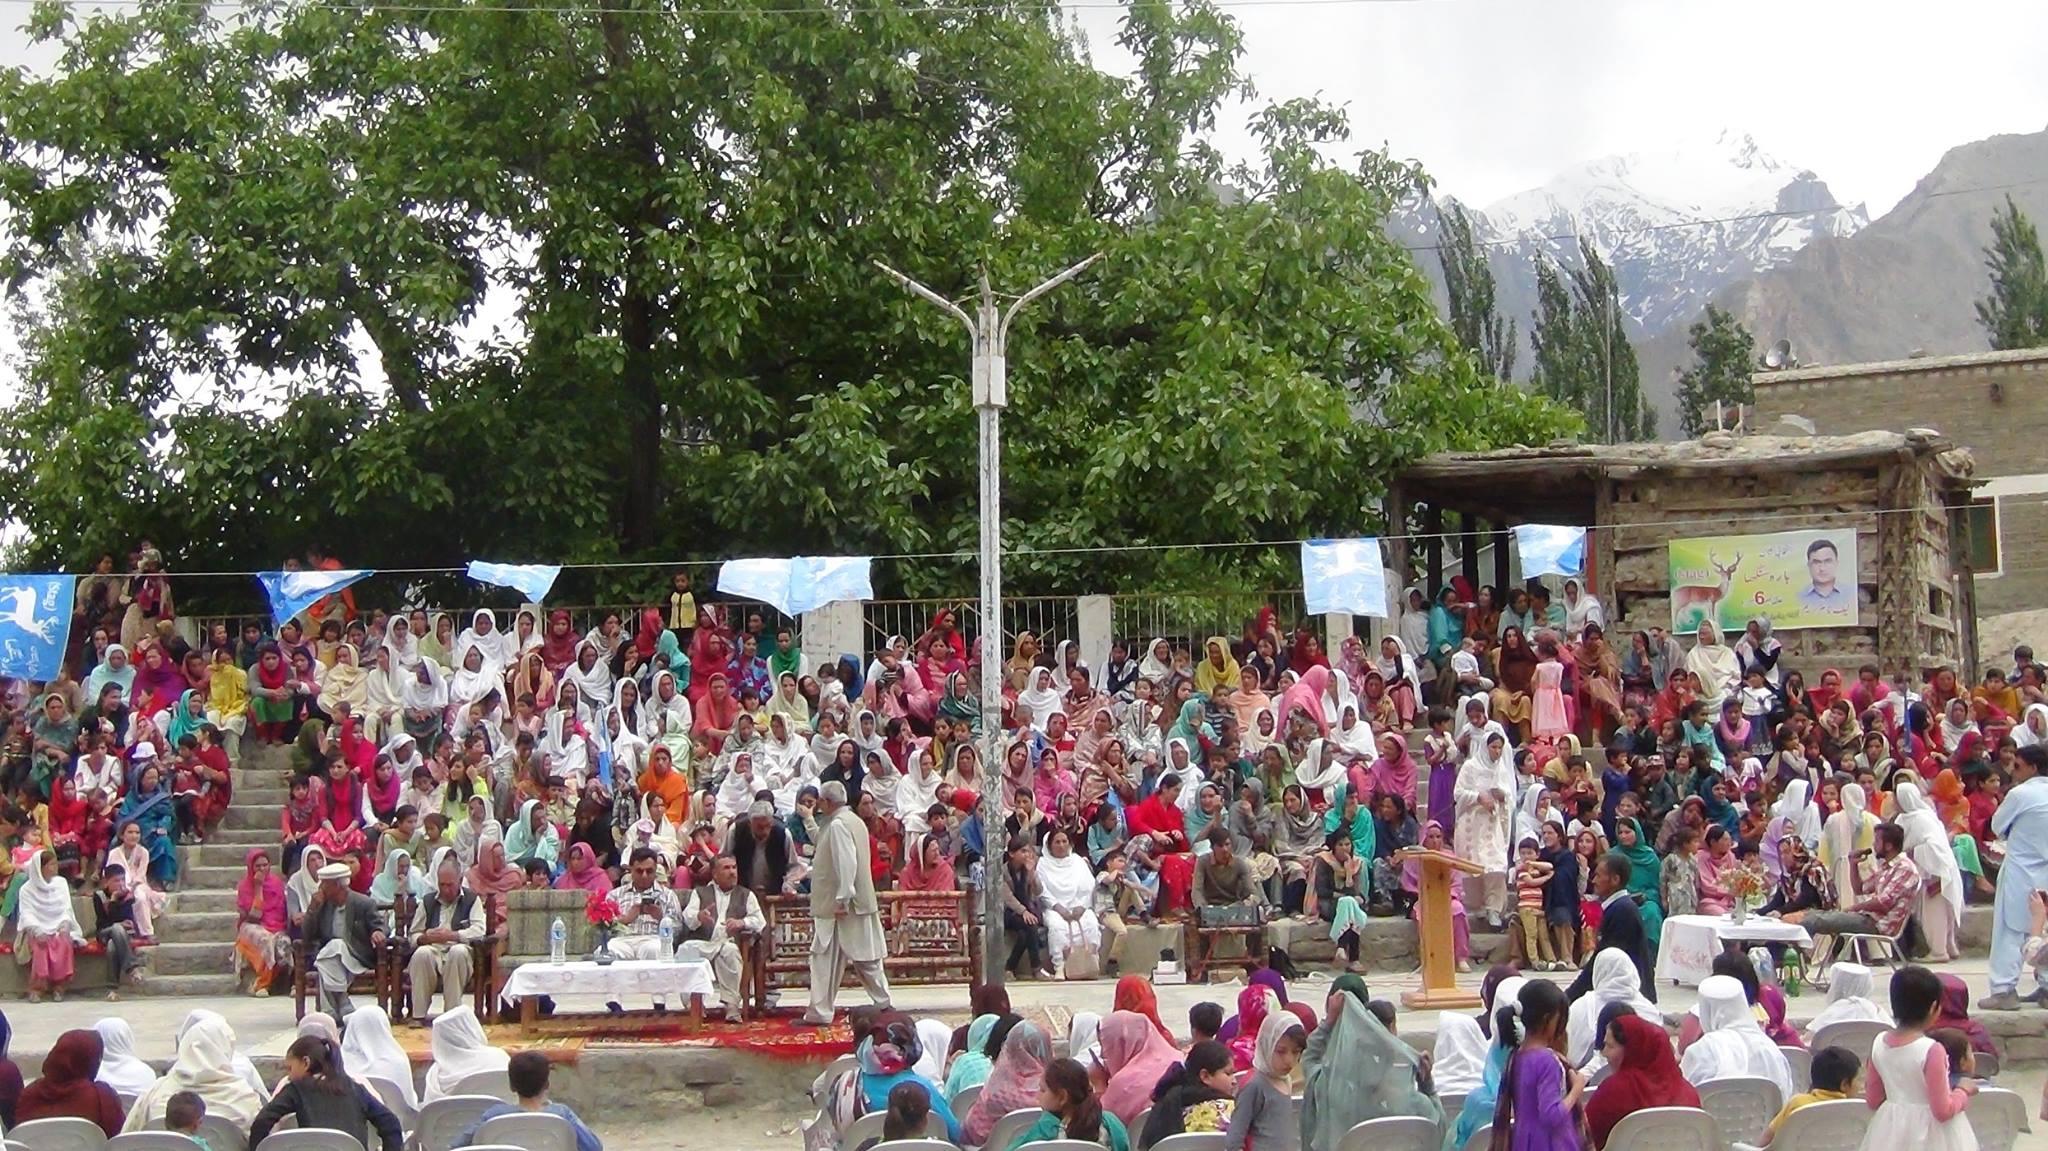 آزاد امیدوار نیکنام کریم کا آبائی گاوں حیدر آباد ہنزہ میں انتخابی جلسہ، خواتین نے بڑی تعداد میں شرکت کی